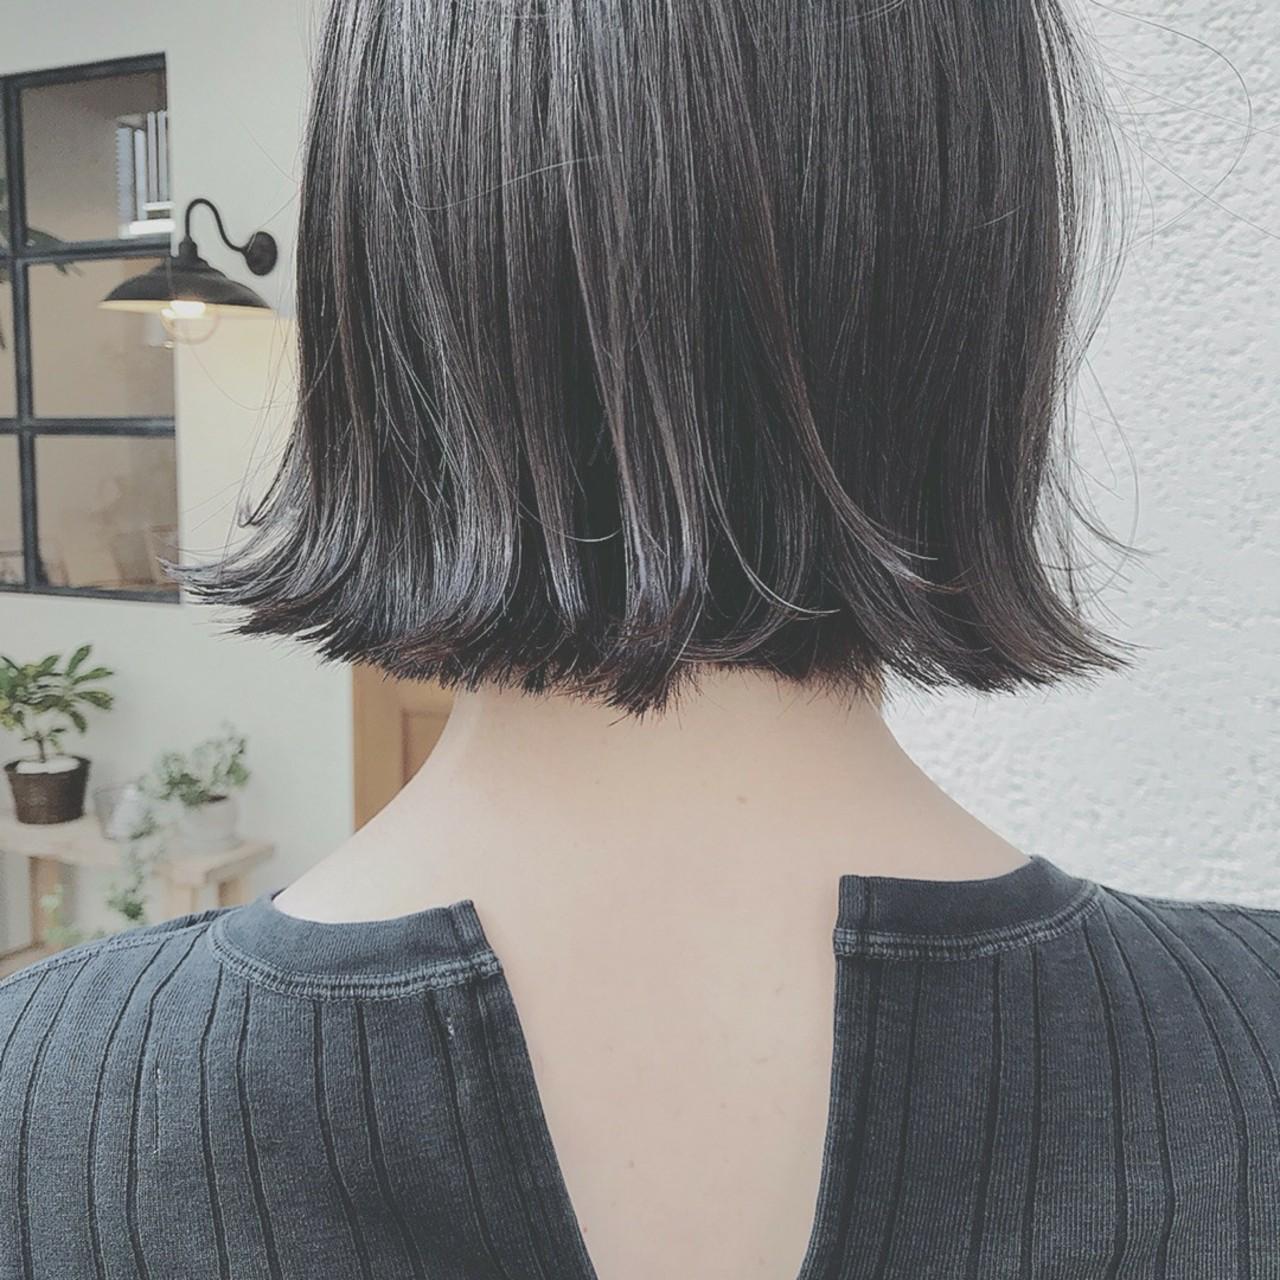 エレガント 色気 透明感 ボブ ヘアスタイルや髪型の写真・画像